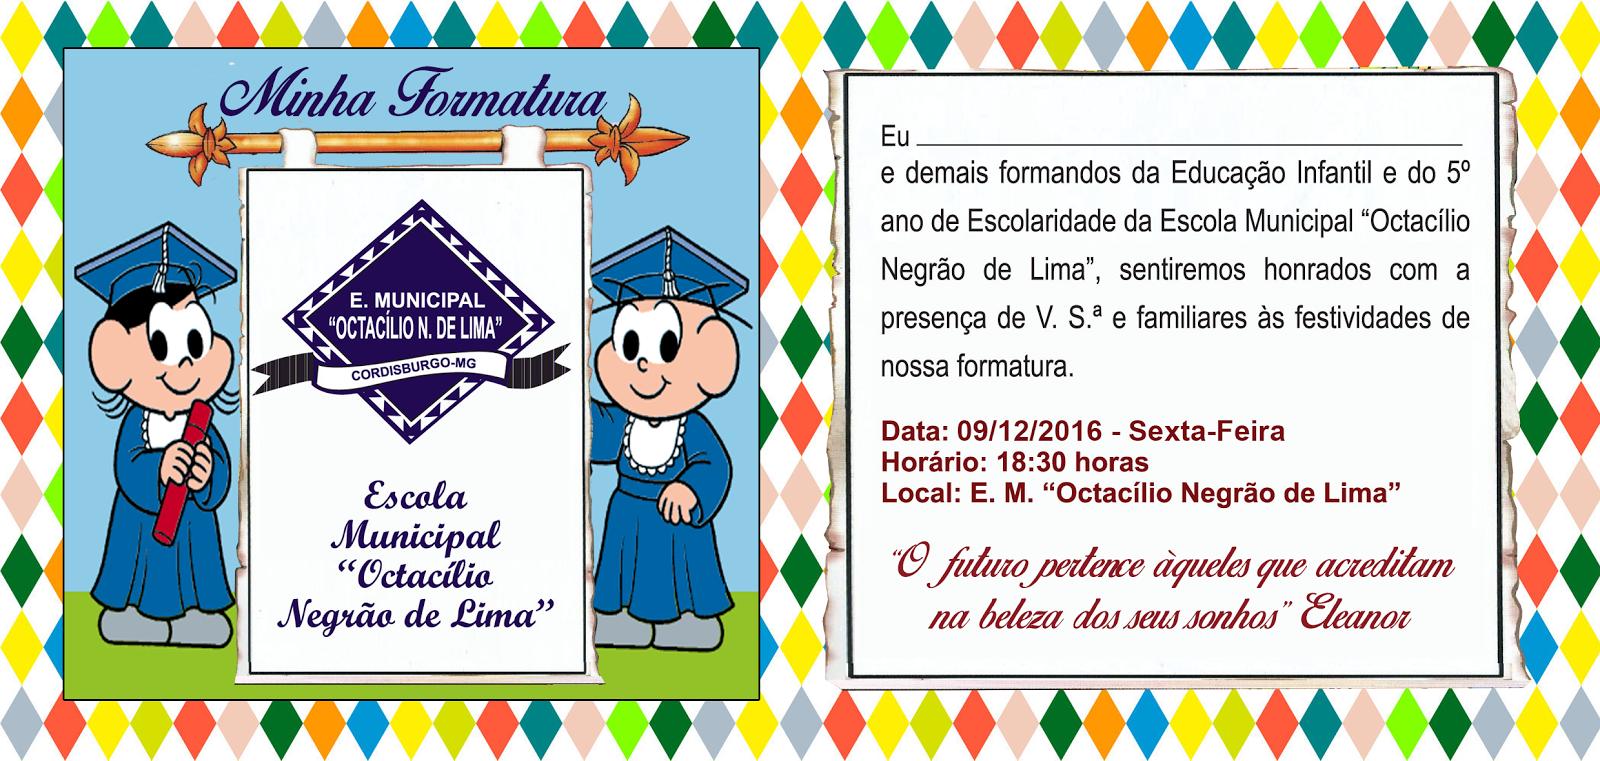 Tag Mensagem De Convite De Formatura Educação Infantil